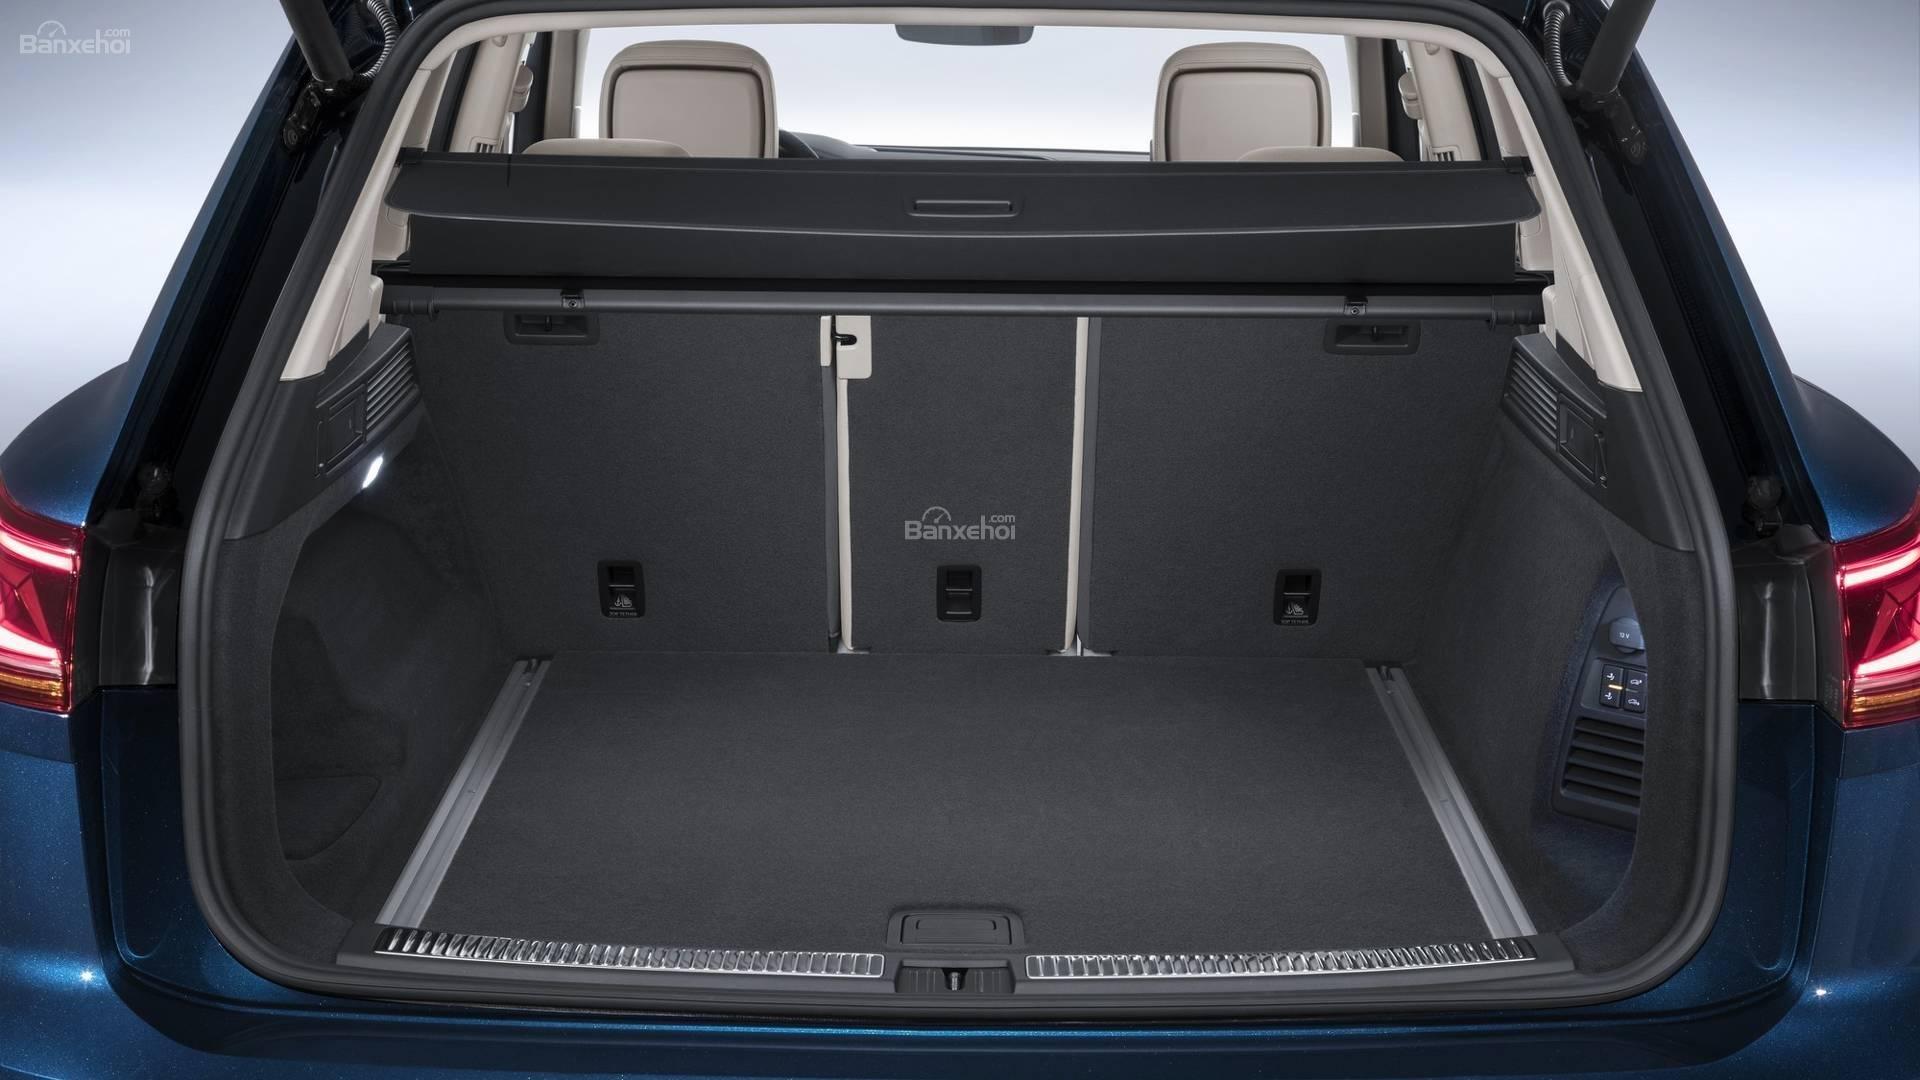 Đánh giá xe Volkswagen Touareg 2019 về khoang hành lý: dung tích 810 lít 2